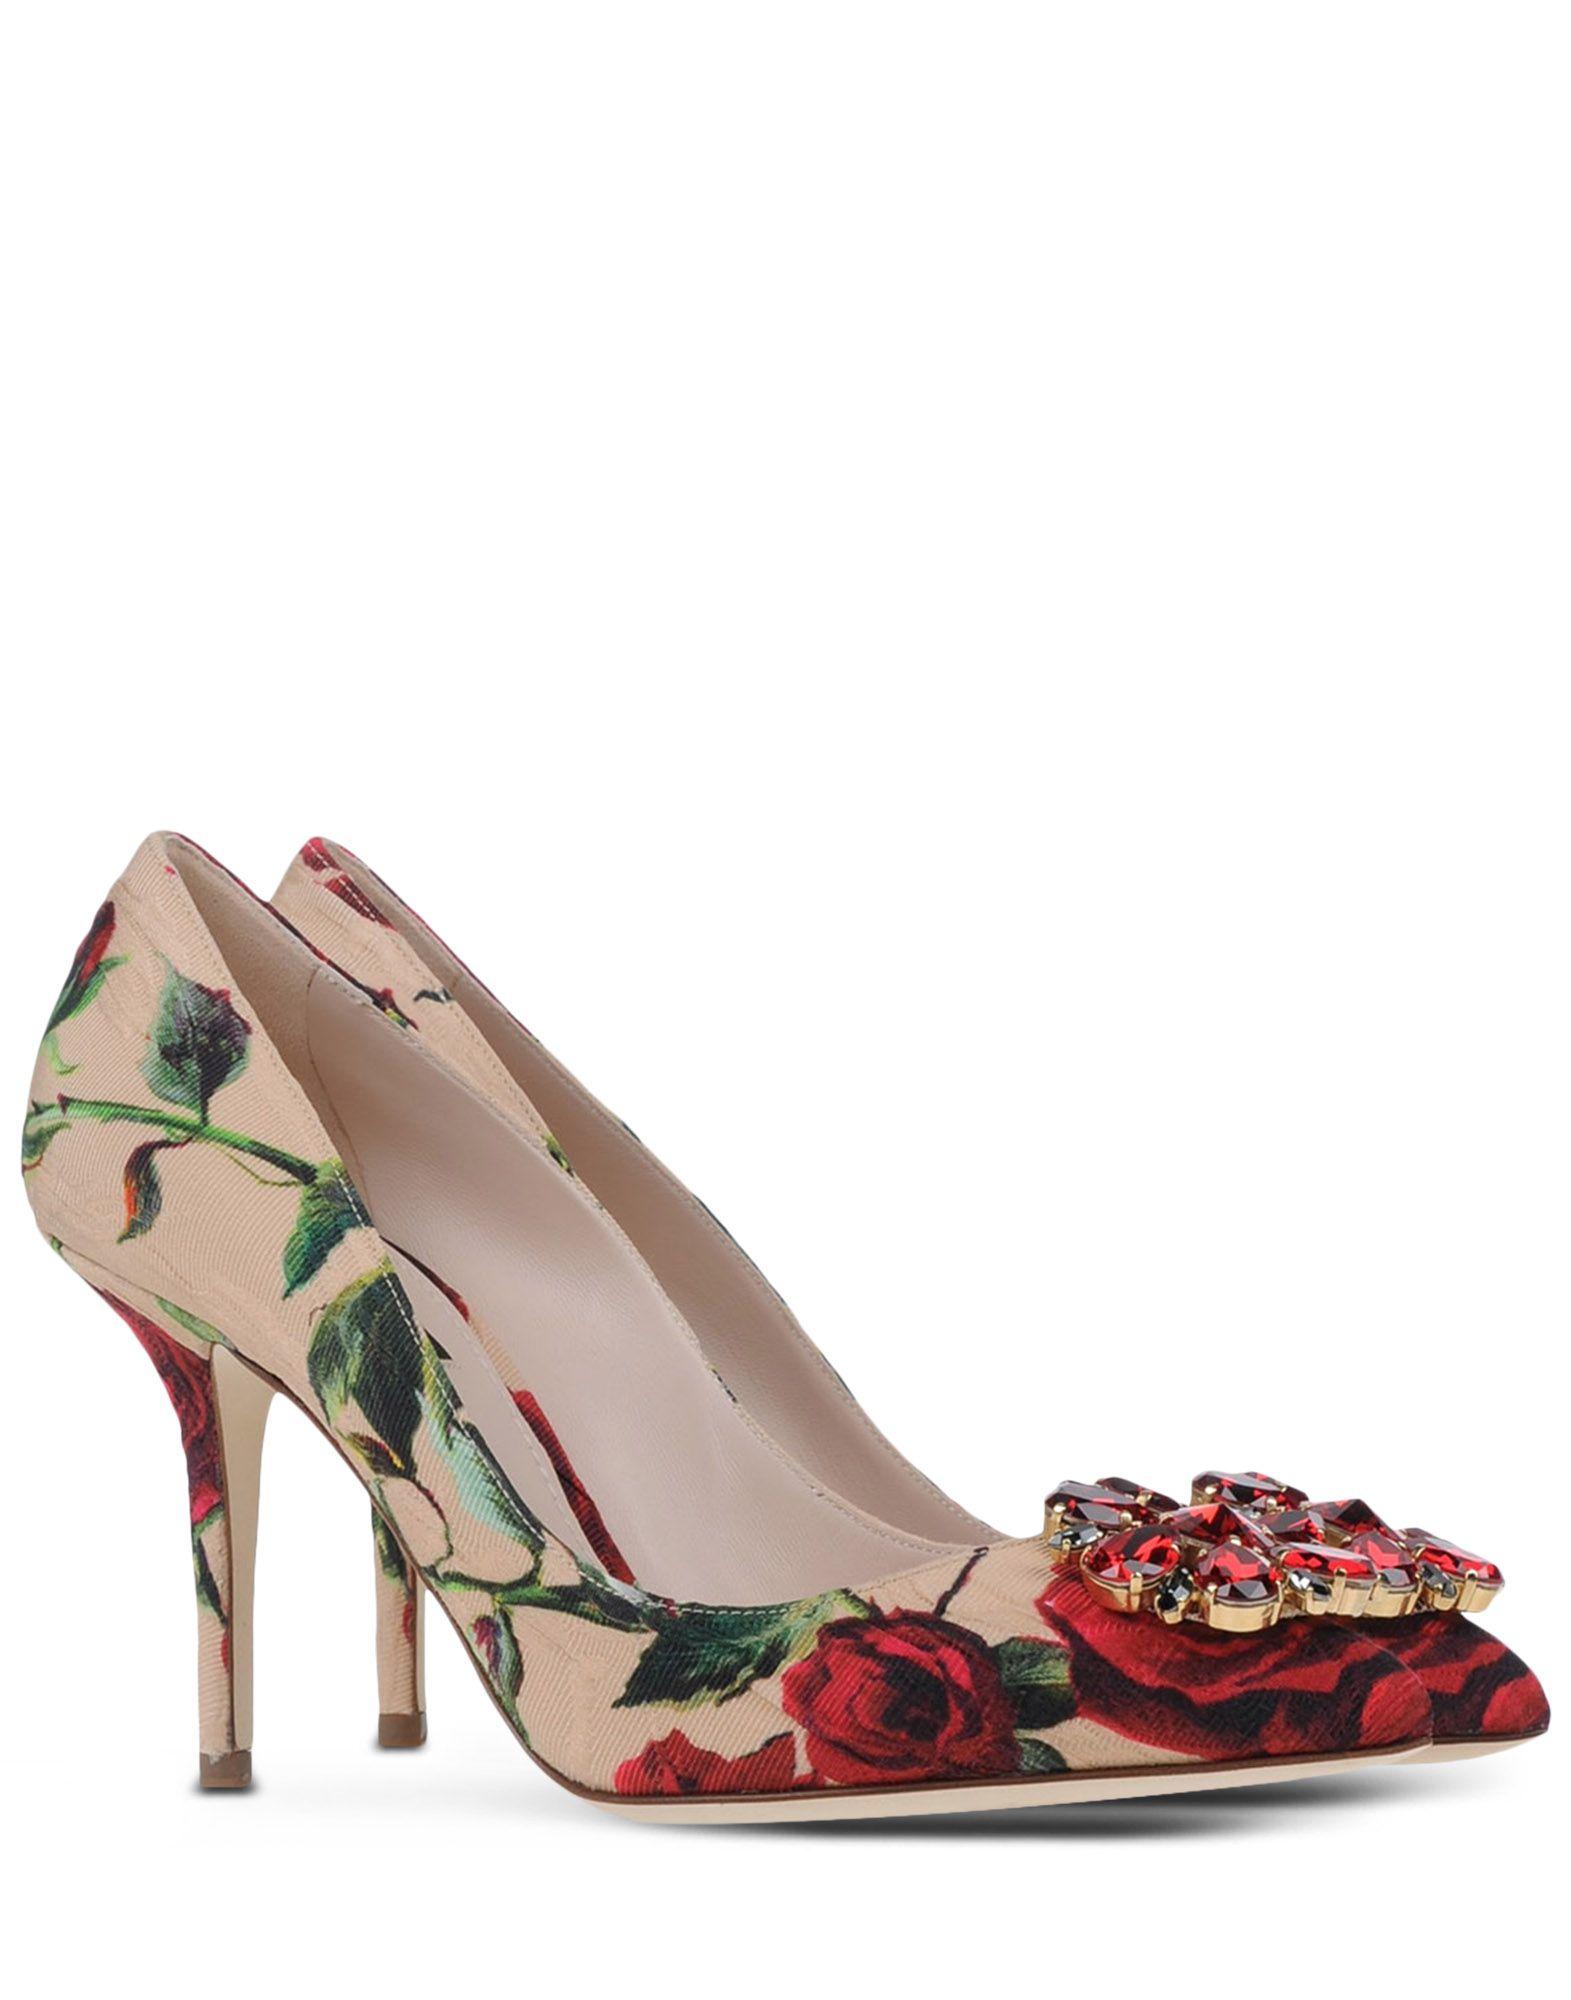 0c17496d6808 Dolce Gabbana Floral Pumps